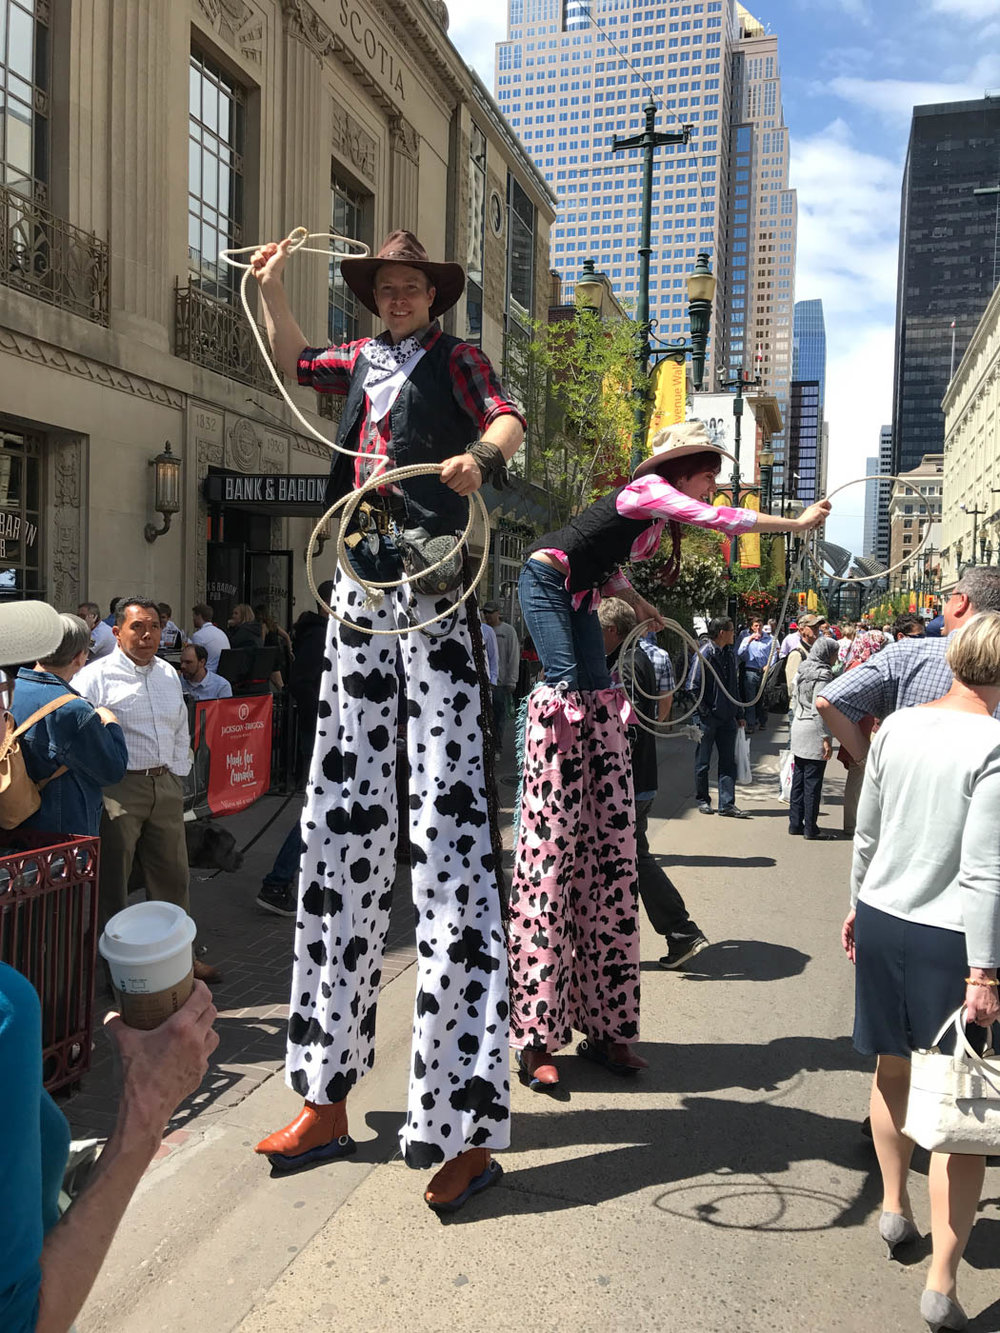 Long legged cowboys/cowgirls